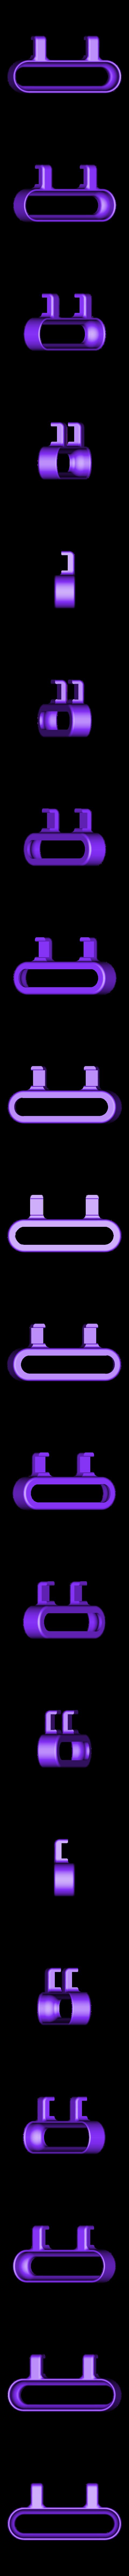 Hanging Towel Holder.stl Télécharger fichier STL gratuit Porte-serviettes de cuisine à suspendre • Plan imprimable en 3D, 3D-Designs